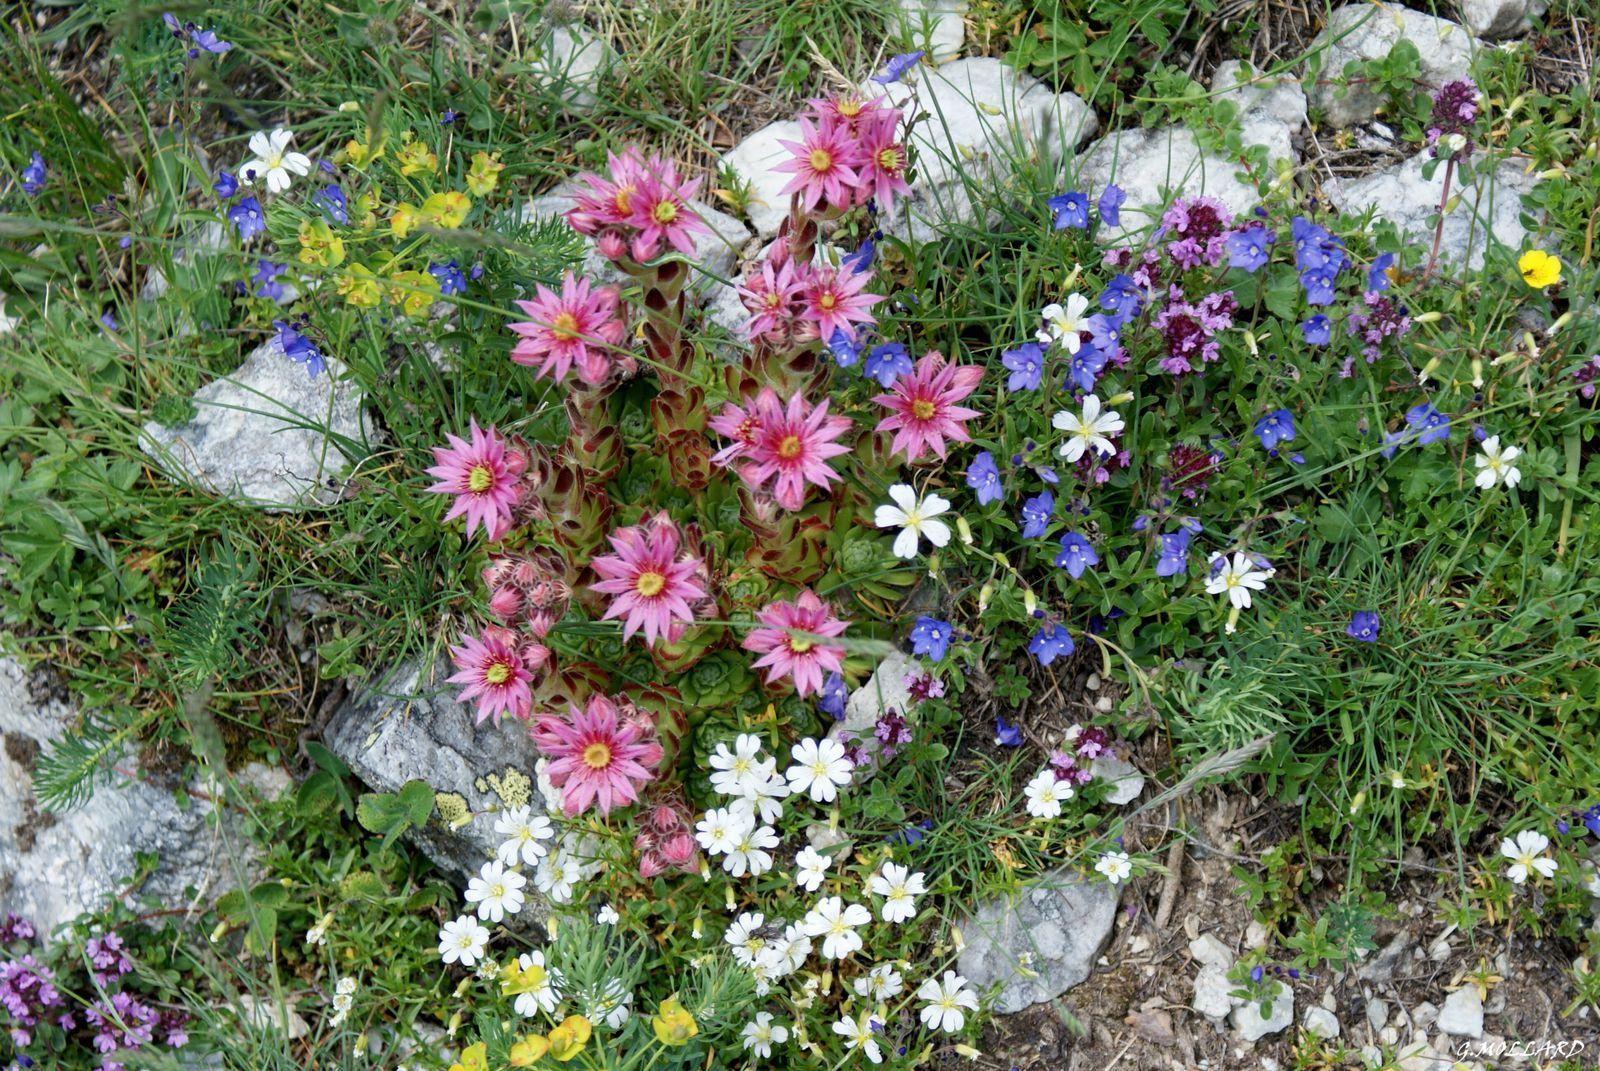 magnifique bouquet de couleurs.